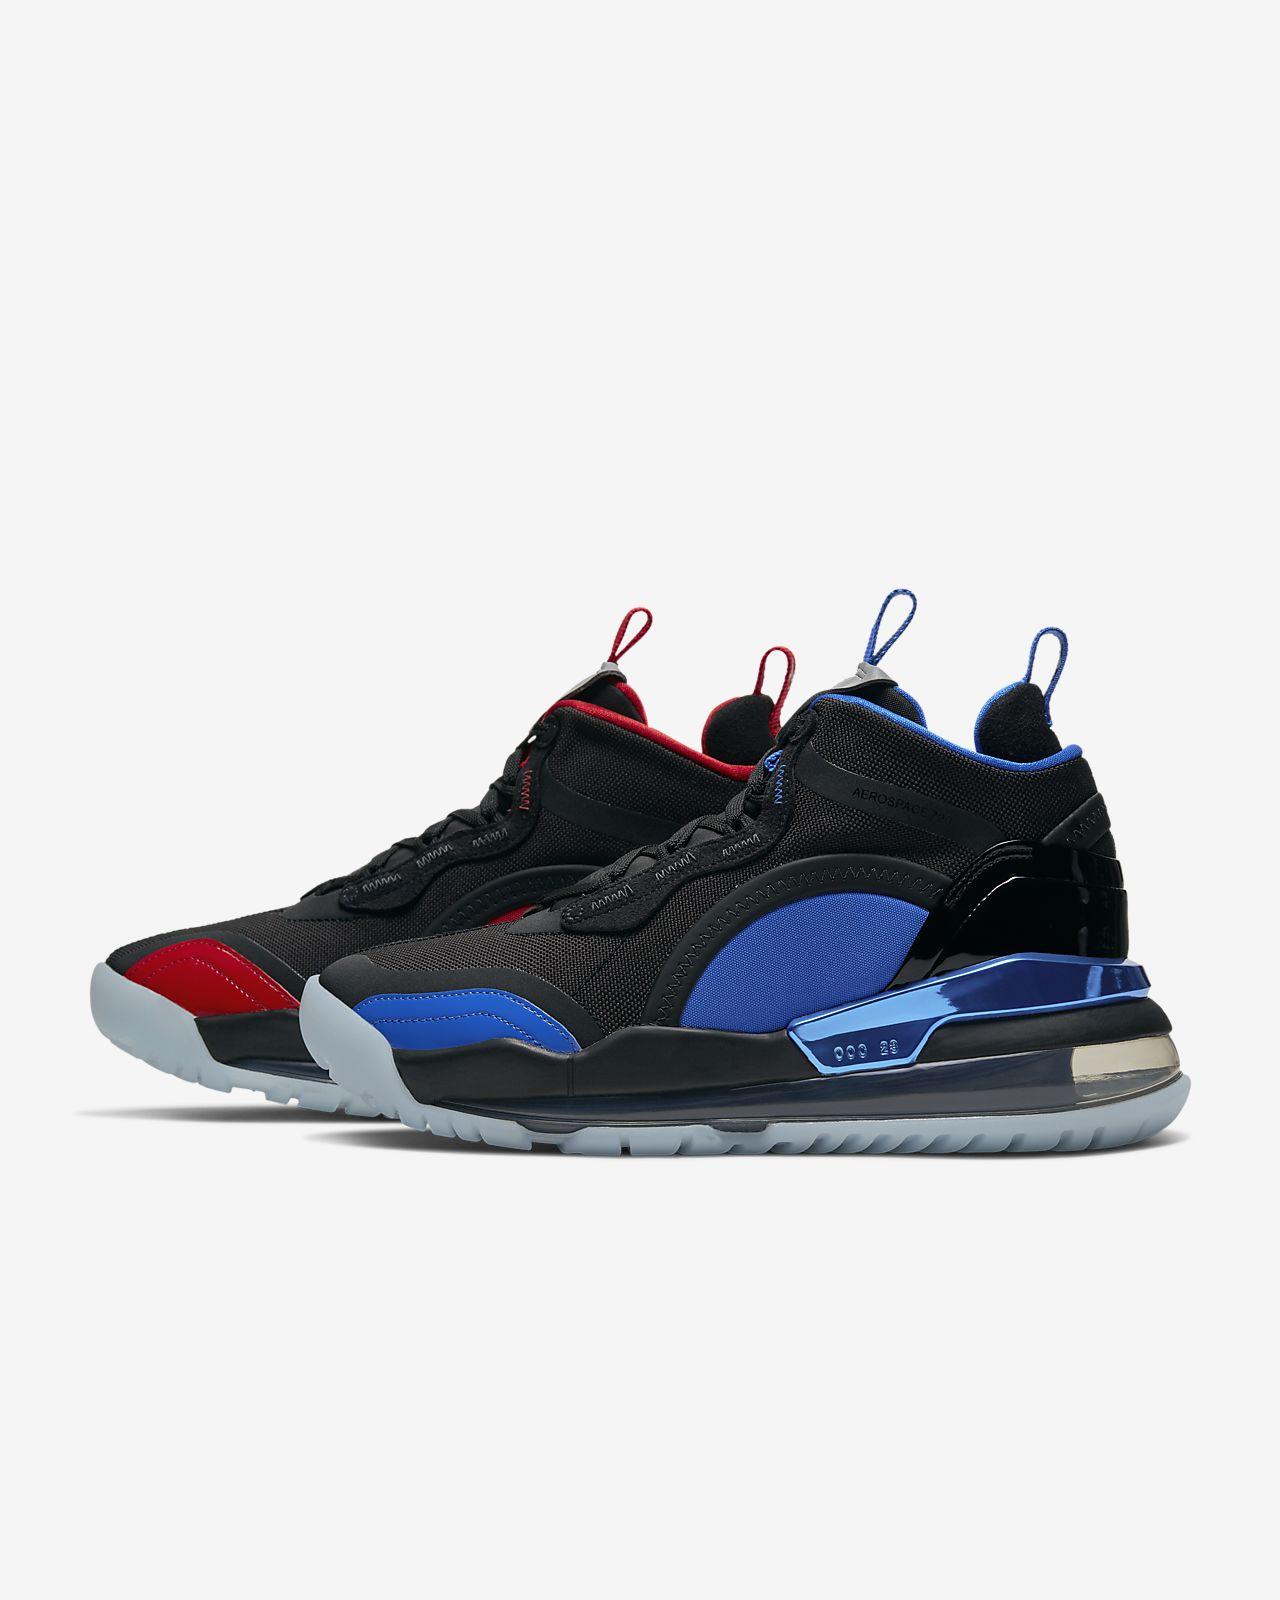 Chaussure Jordan Aerospace 720 Paris Saint Germain pour Homme